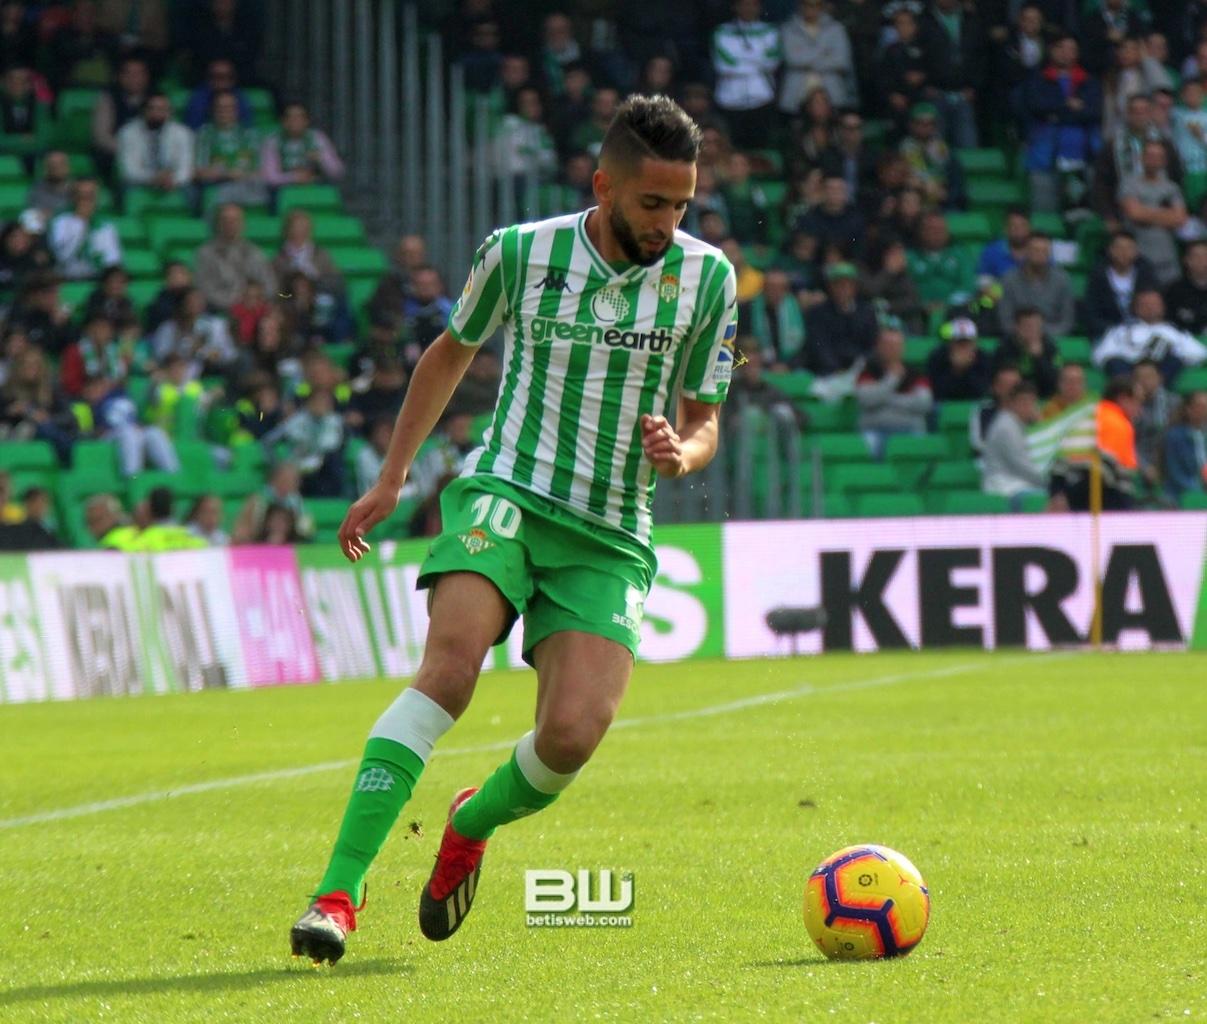 J14 Betis-Real Sociedad 63